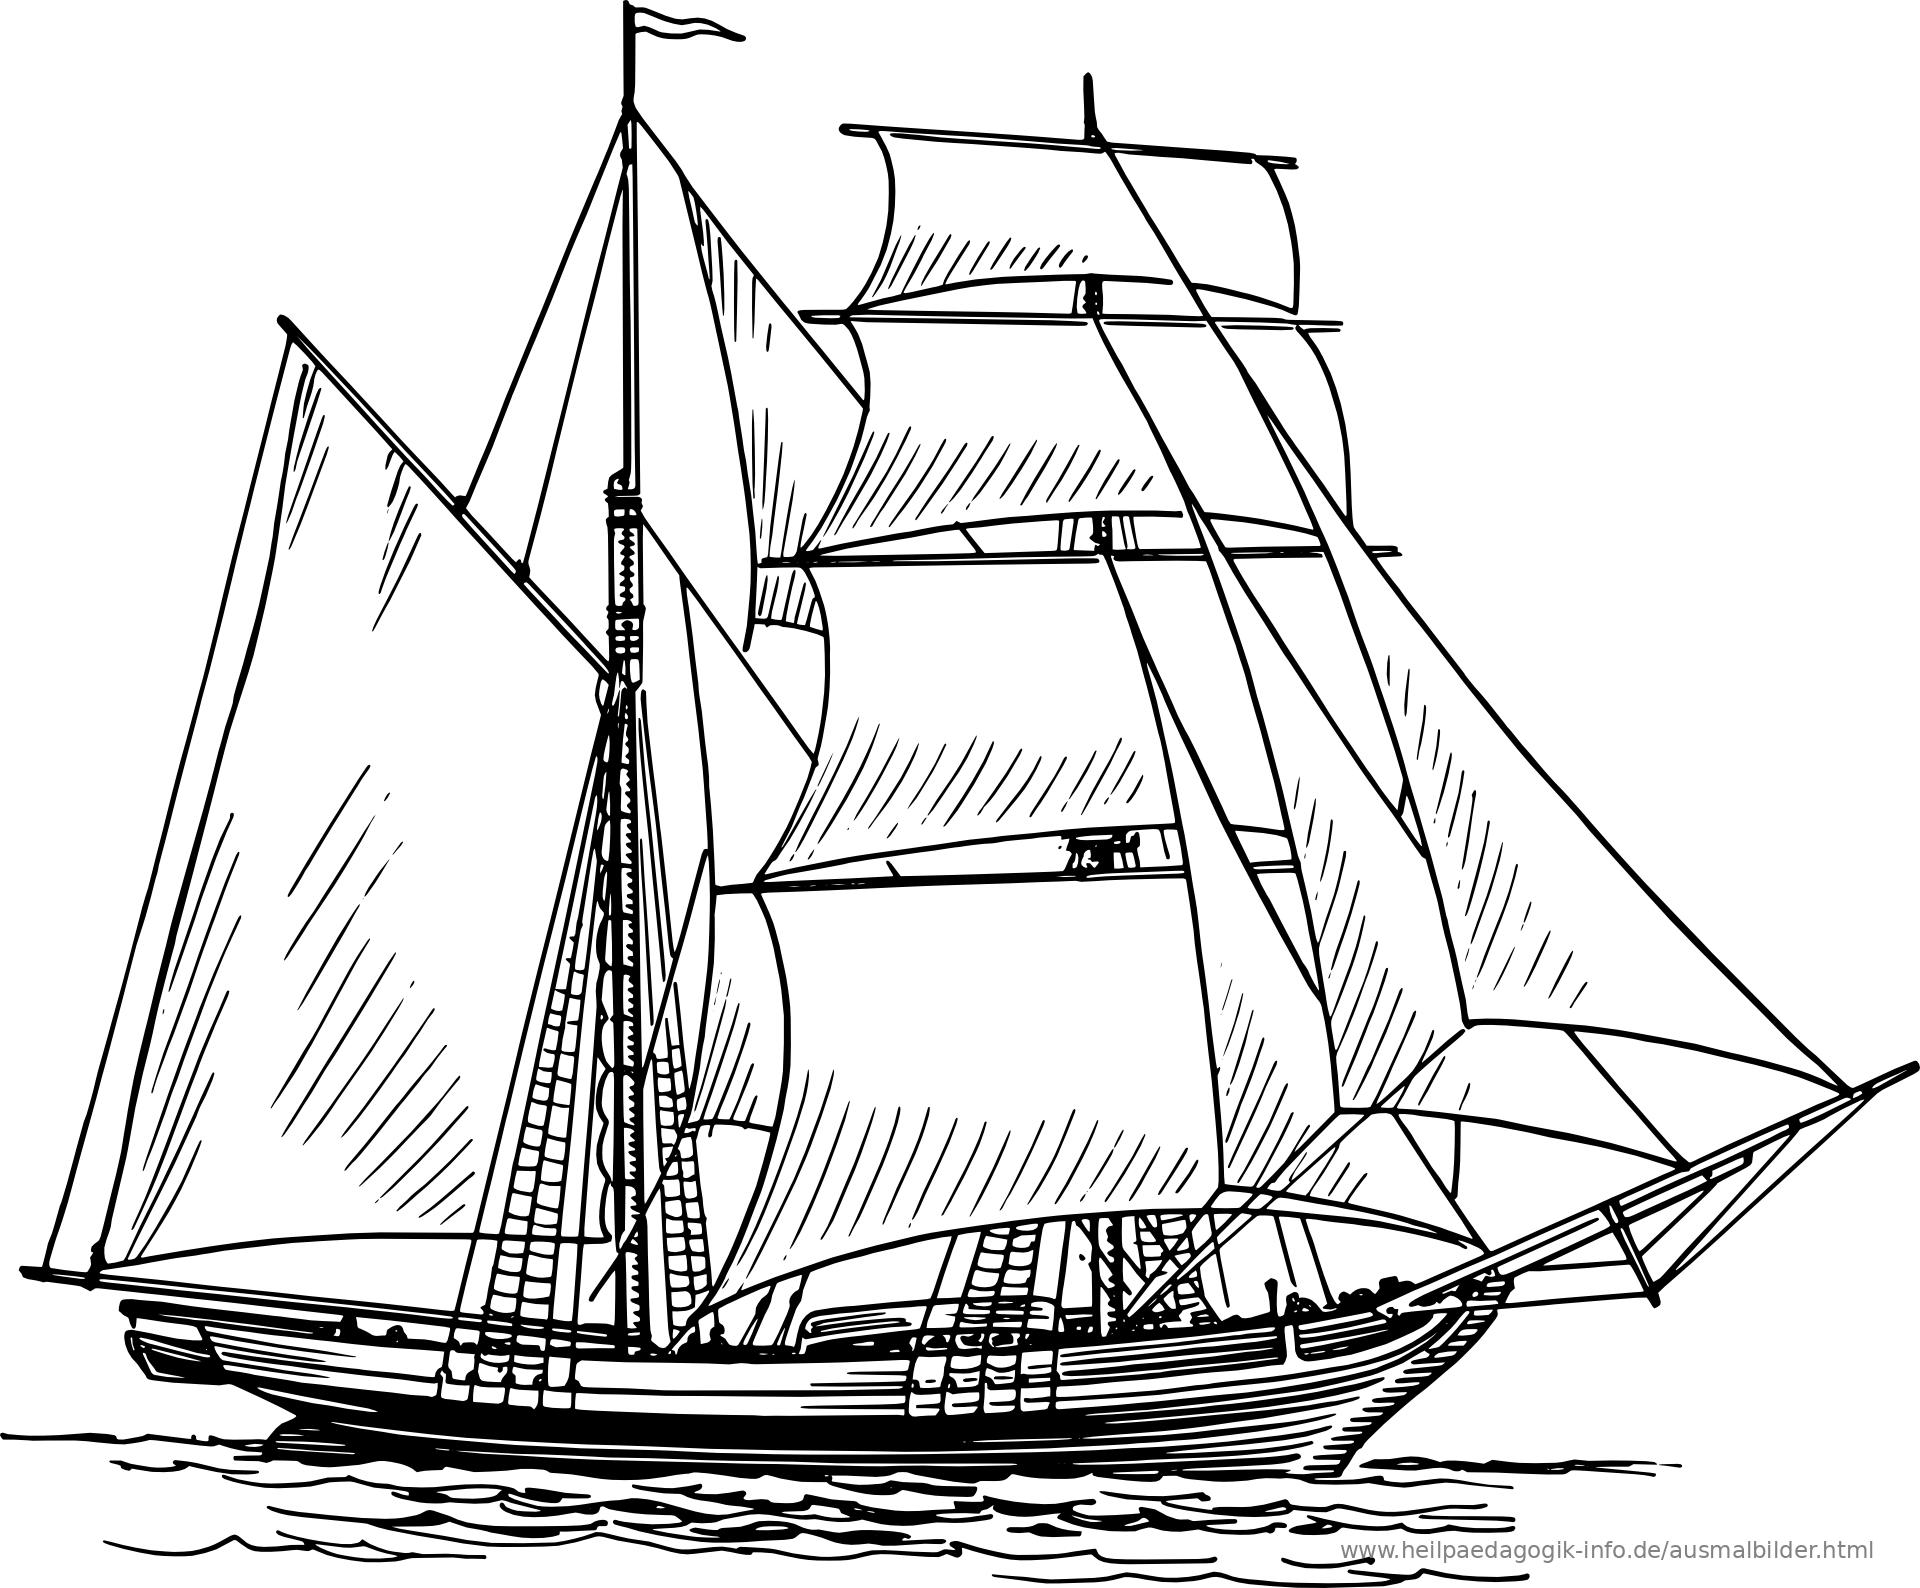 Ausmalbilder Schiffe Und Boote